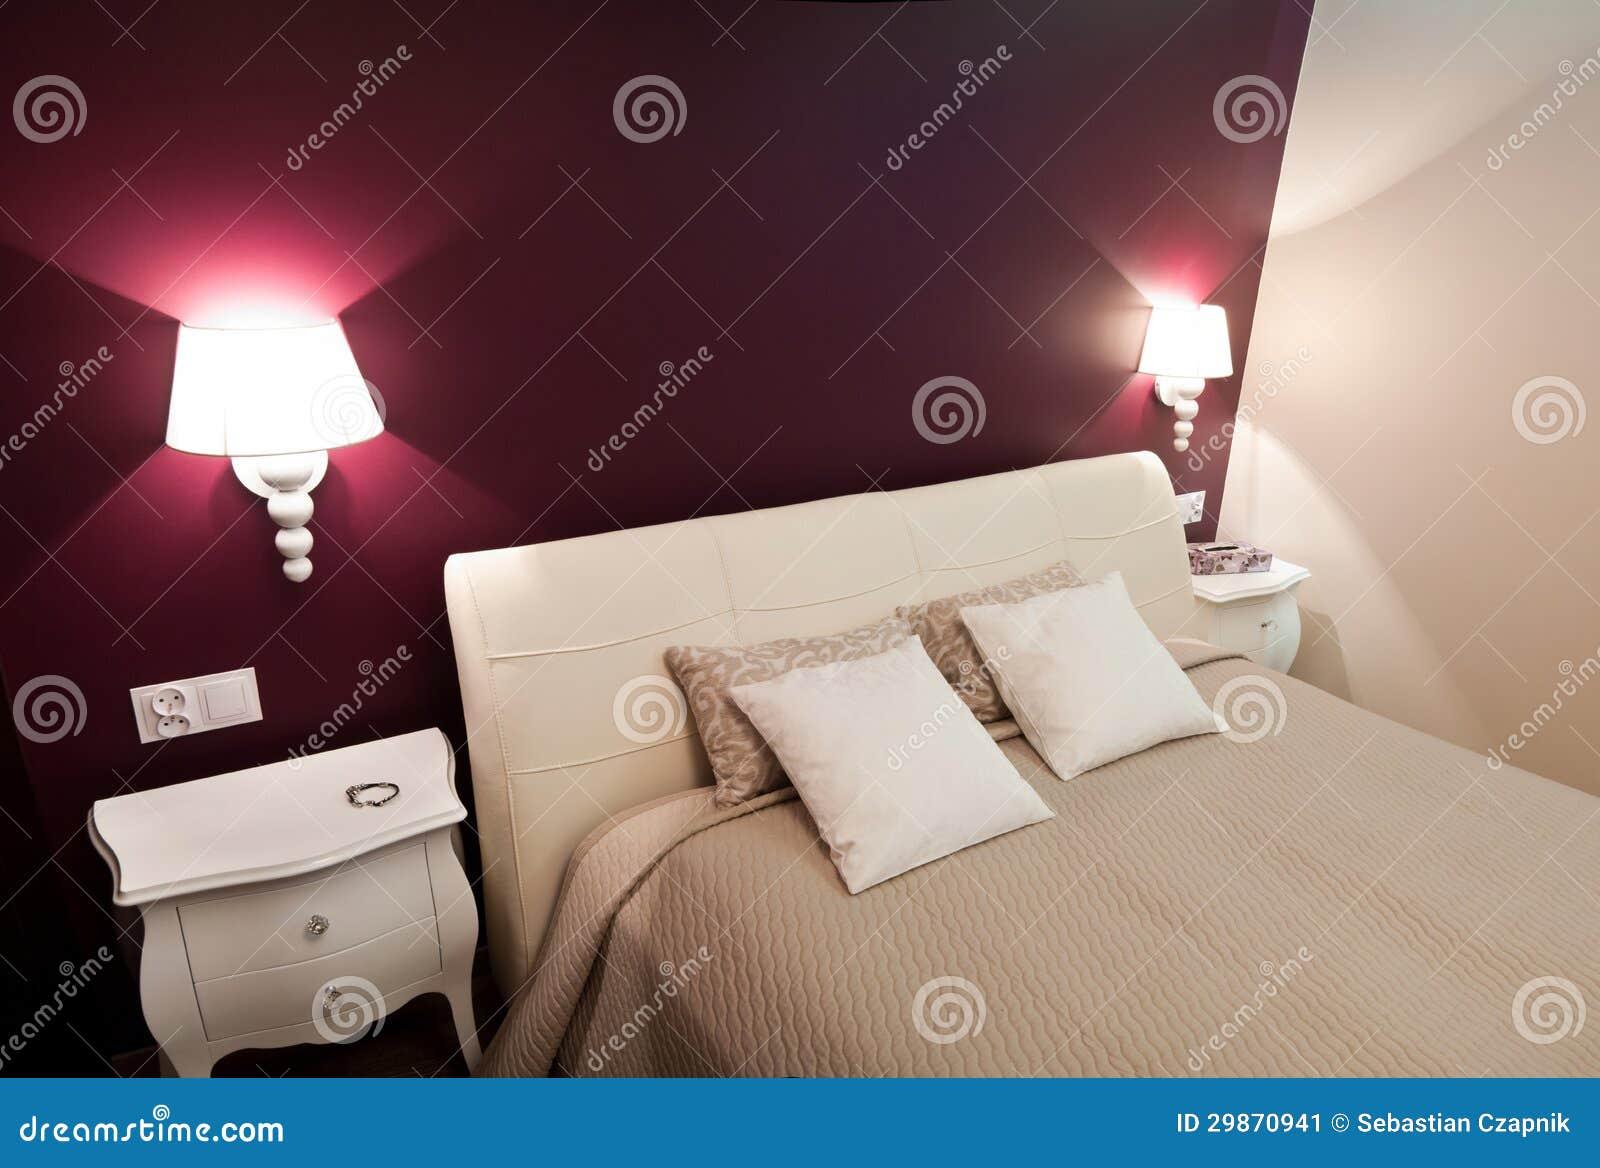 Camera da letto porpora immagine stock. Immagine di base - 29870941